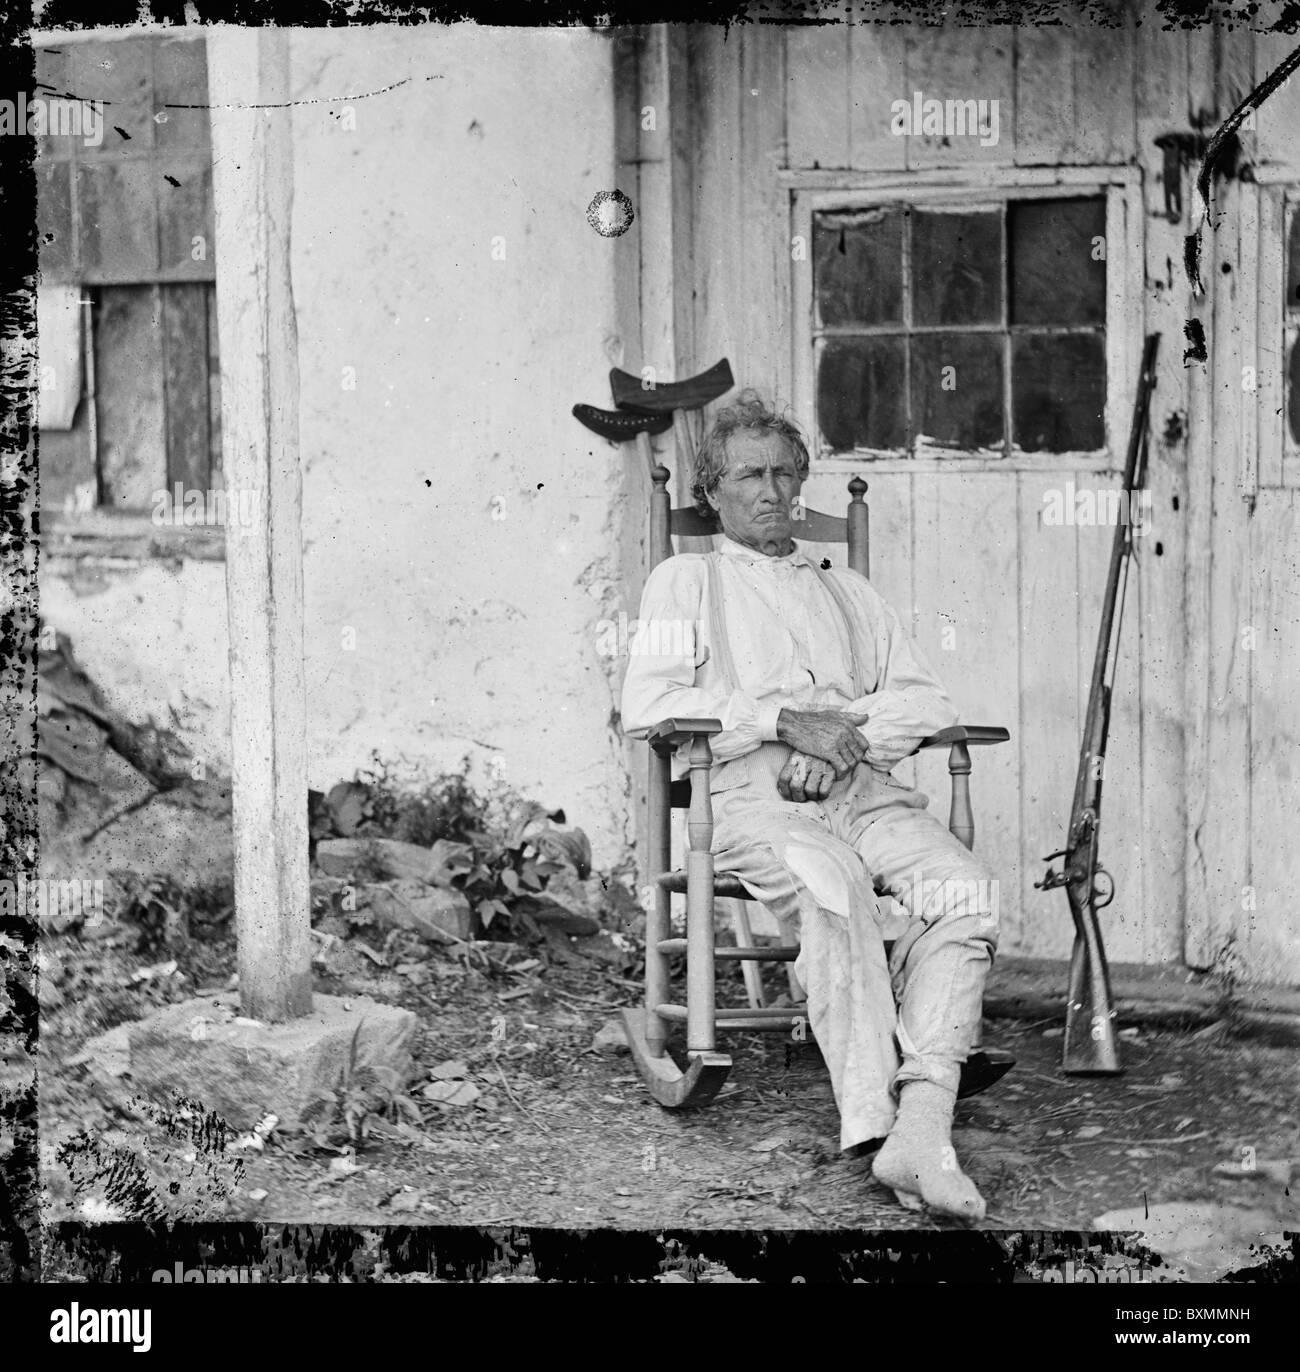 Gettysburg, Pennsylvania. John L. Burns, the 'old hero of Gettysburg,' with gun and crutches civil war veteran - Stock Image